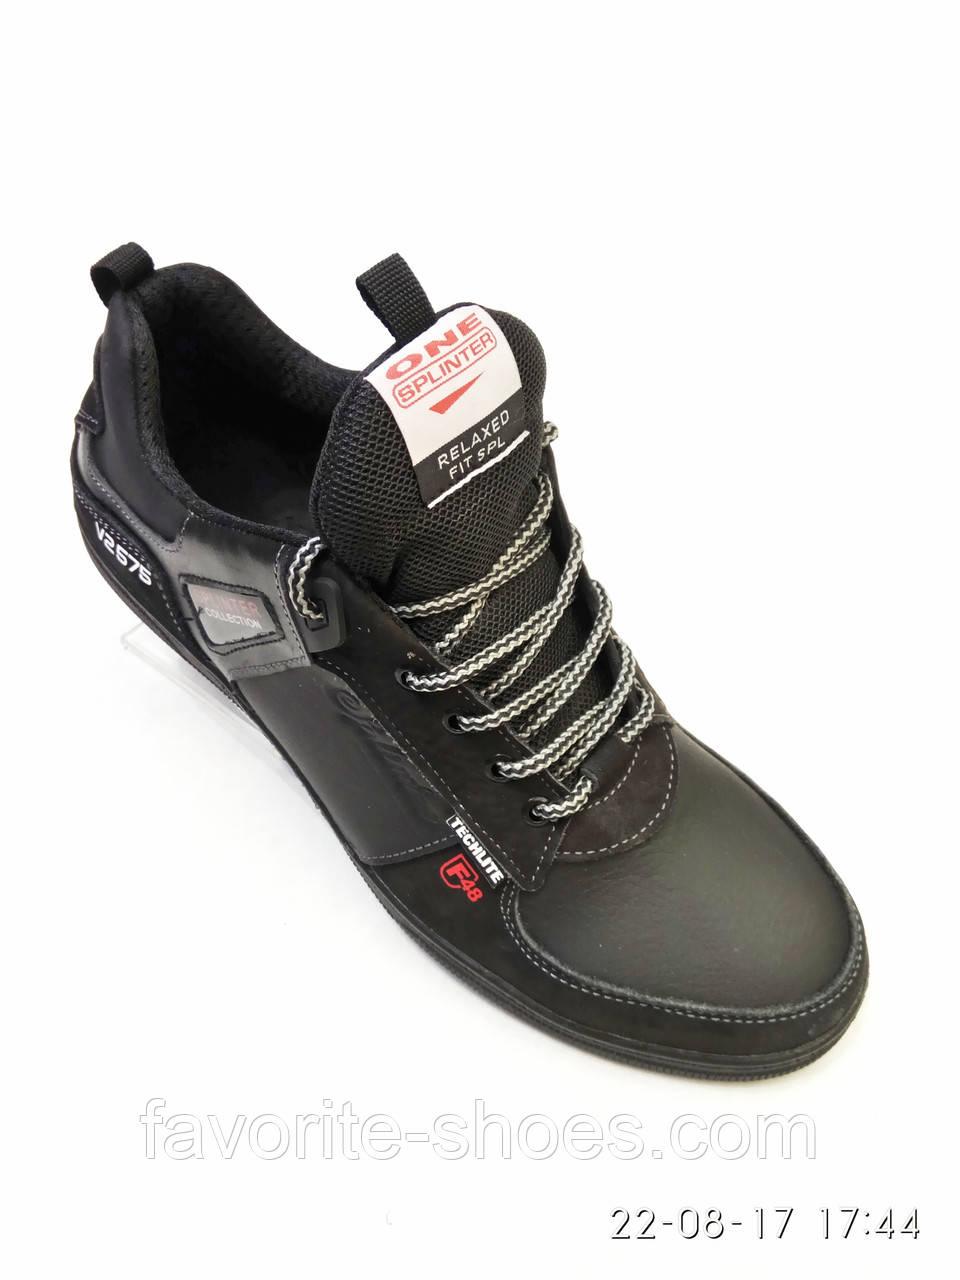 a85fb1427 Кожаные мужские кроссовки Splinter стиль Adidas 31 - Интернет - магазин